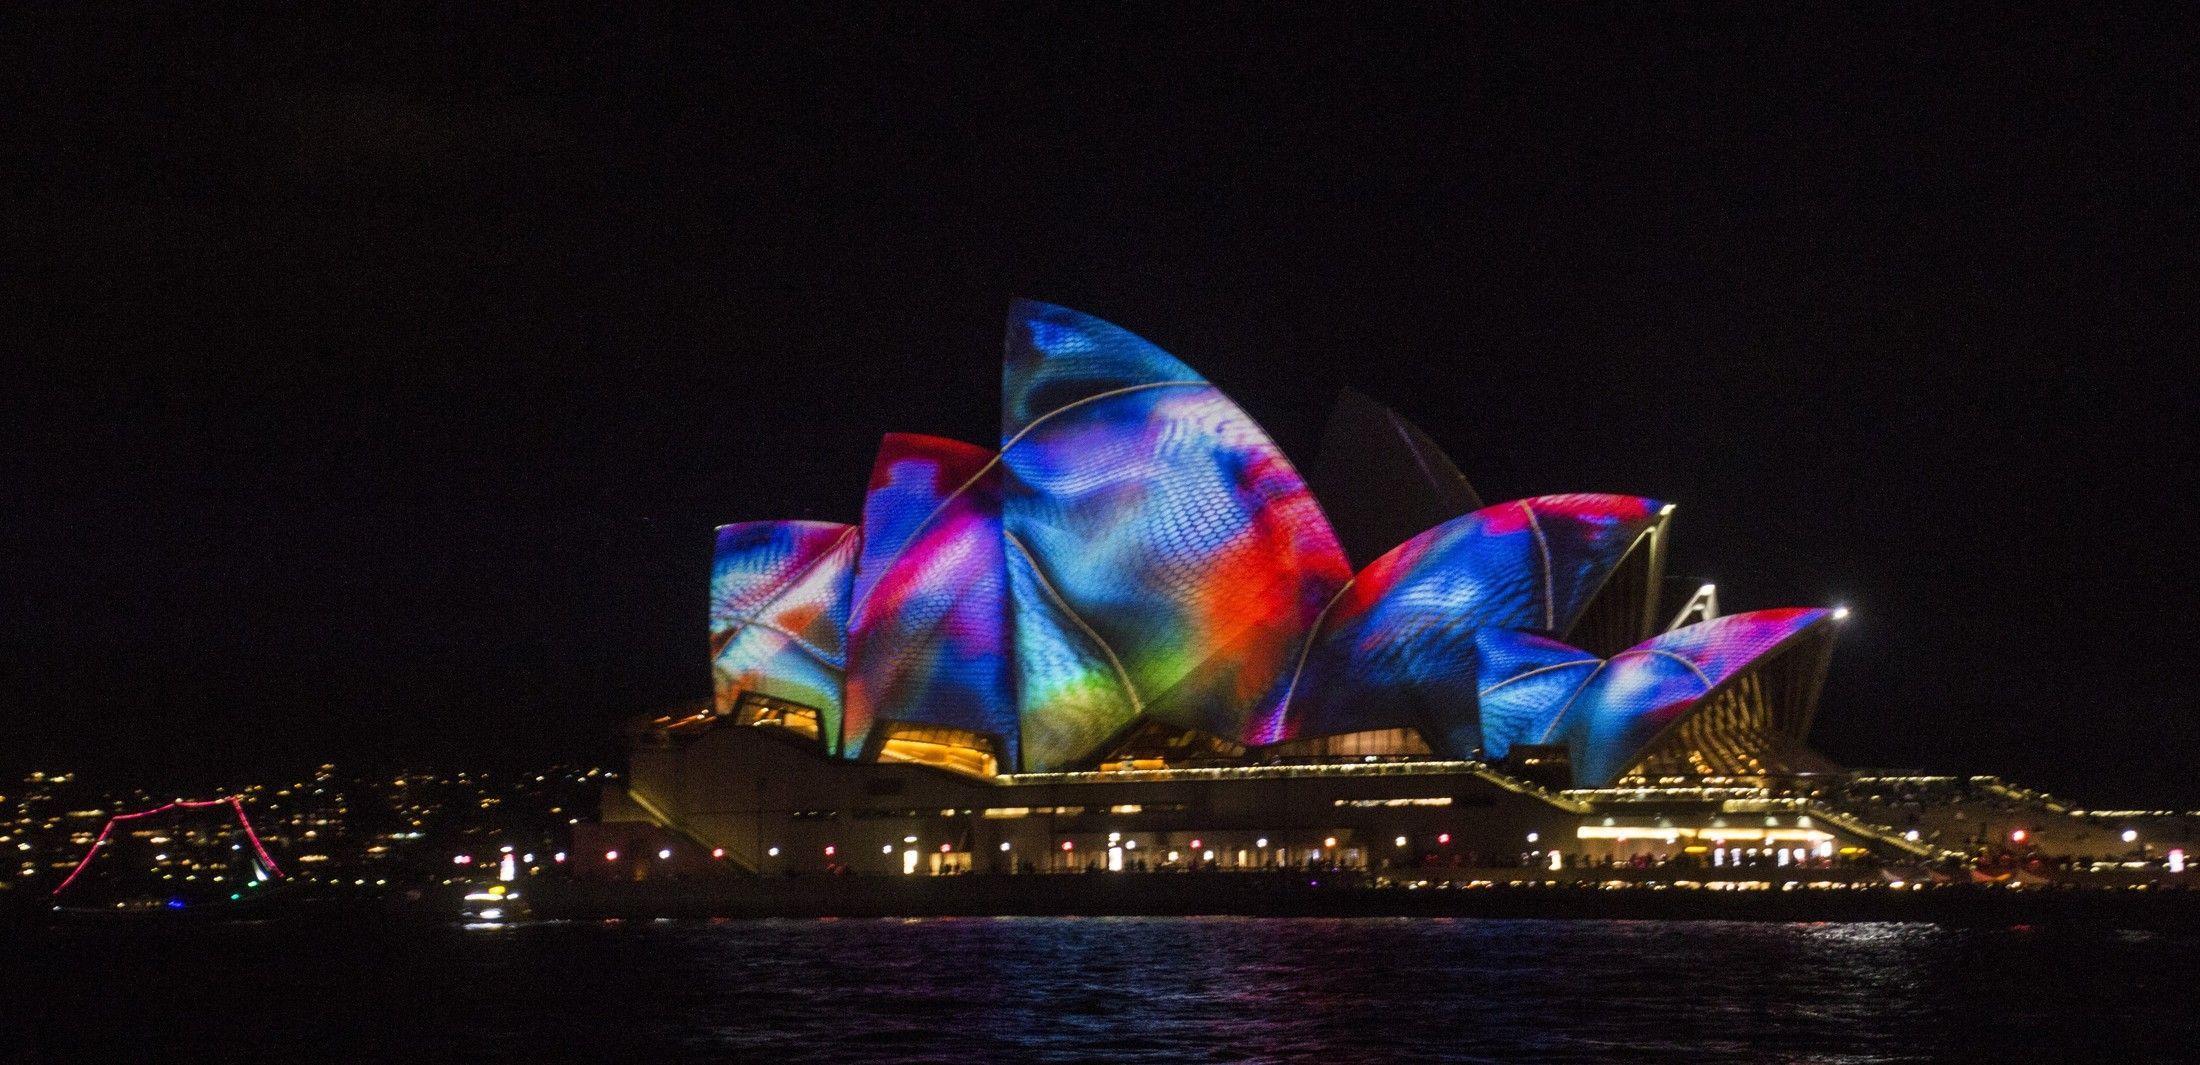 2017雪梨燈光音樂節Vivid Sydney